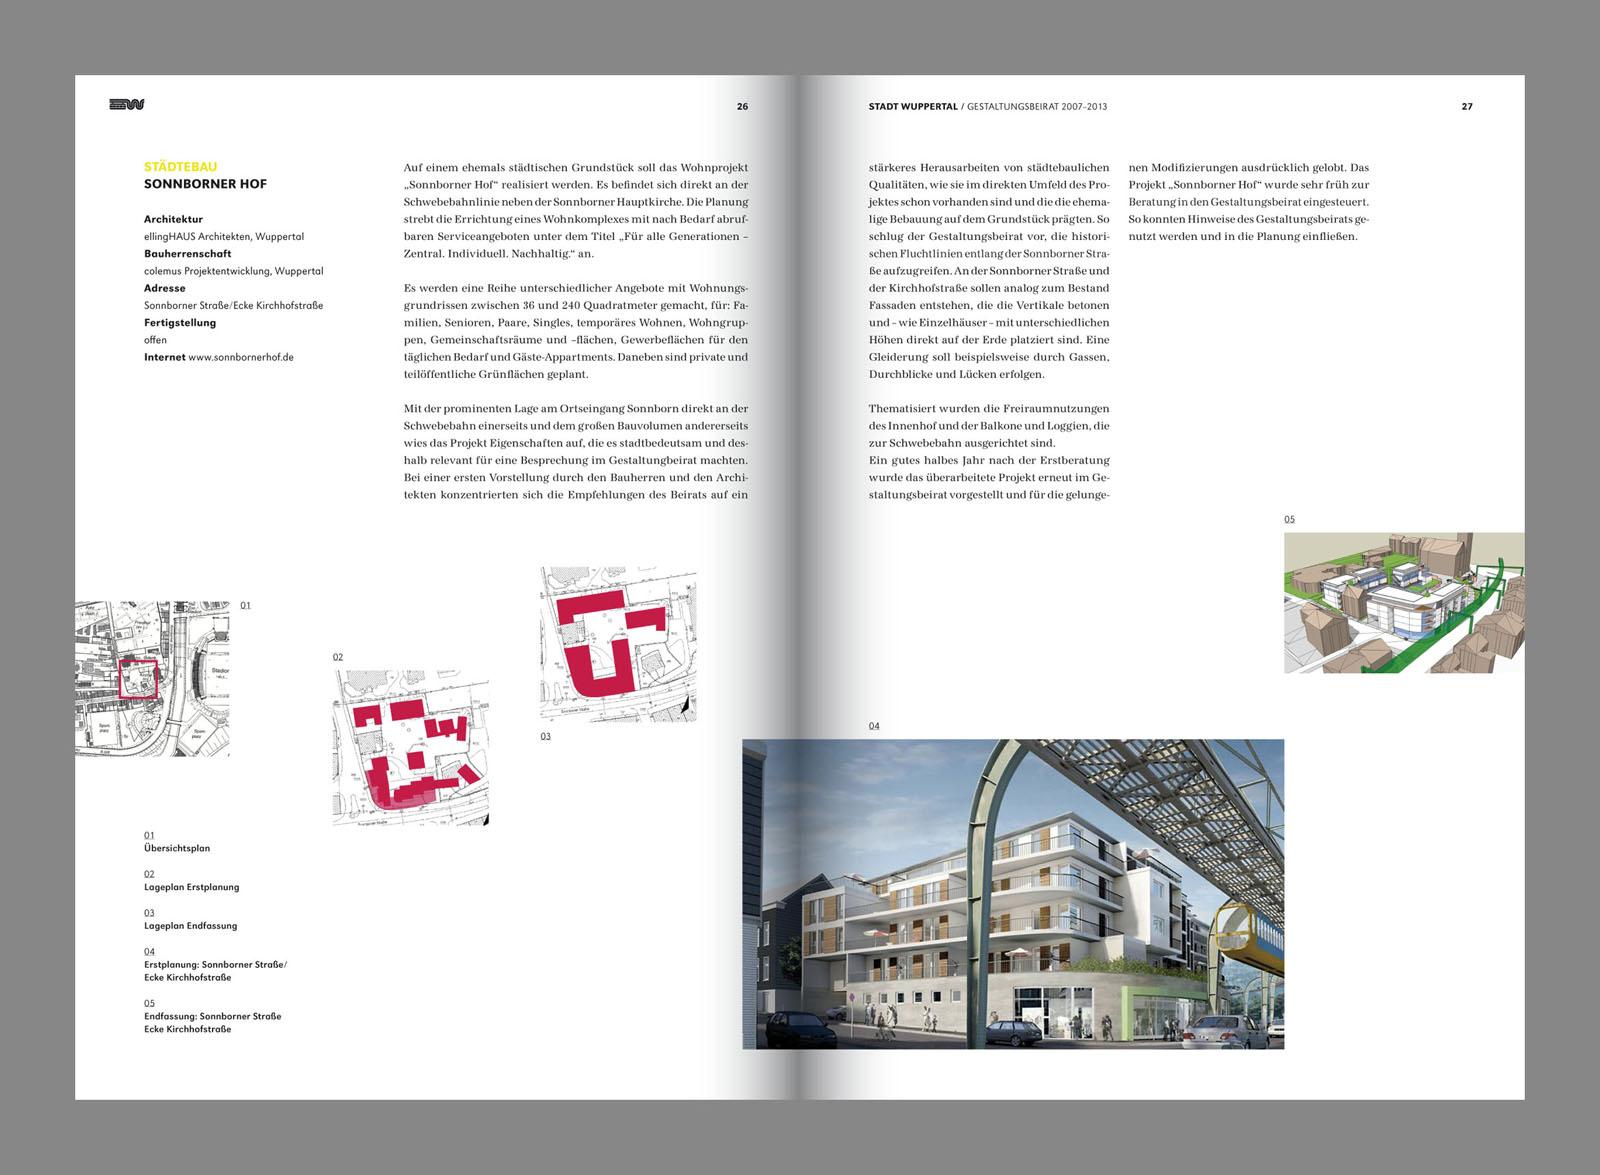 Architekten Wuppertal illigen wolf partner stadt wuppertal gestaltungsbeirat 2015